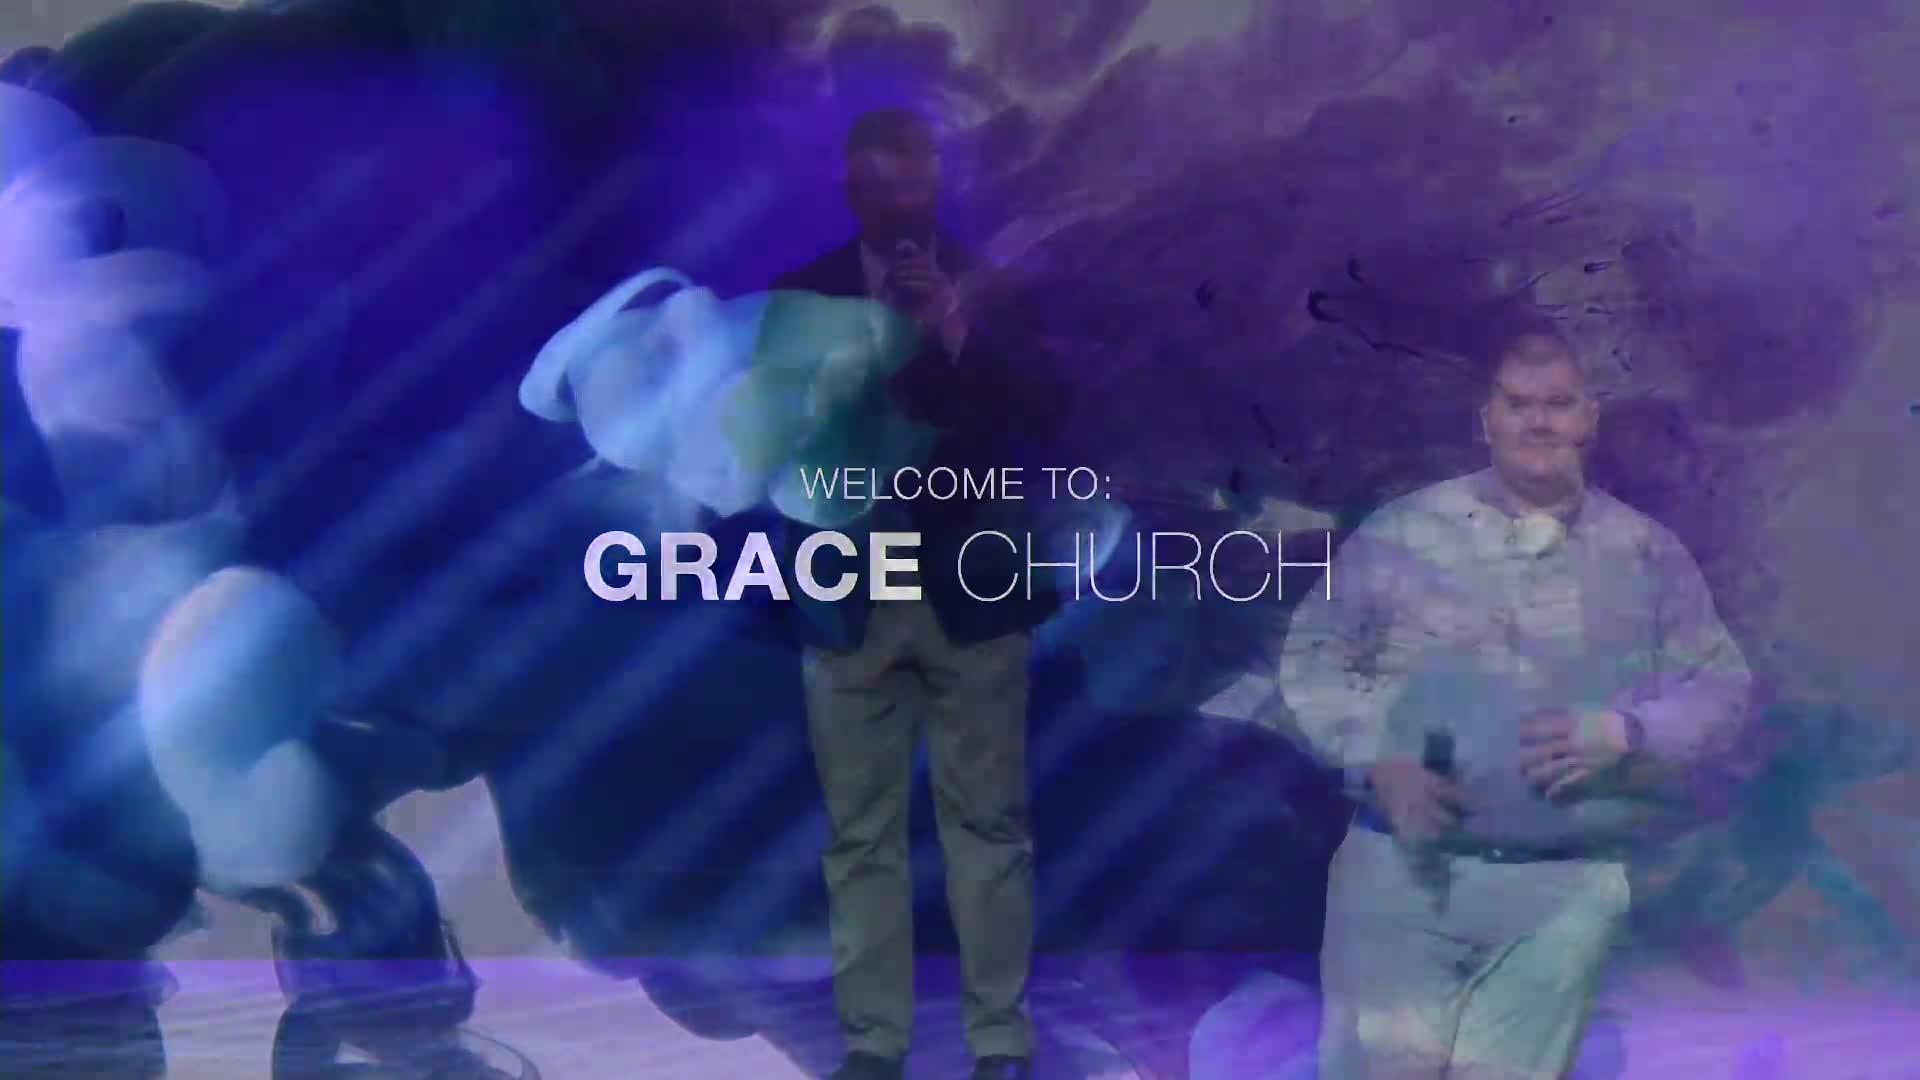 Grace Church Worship Service